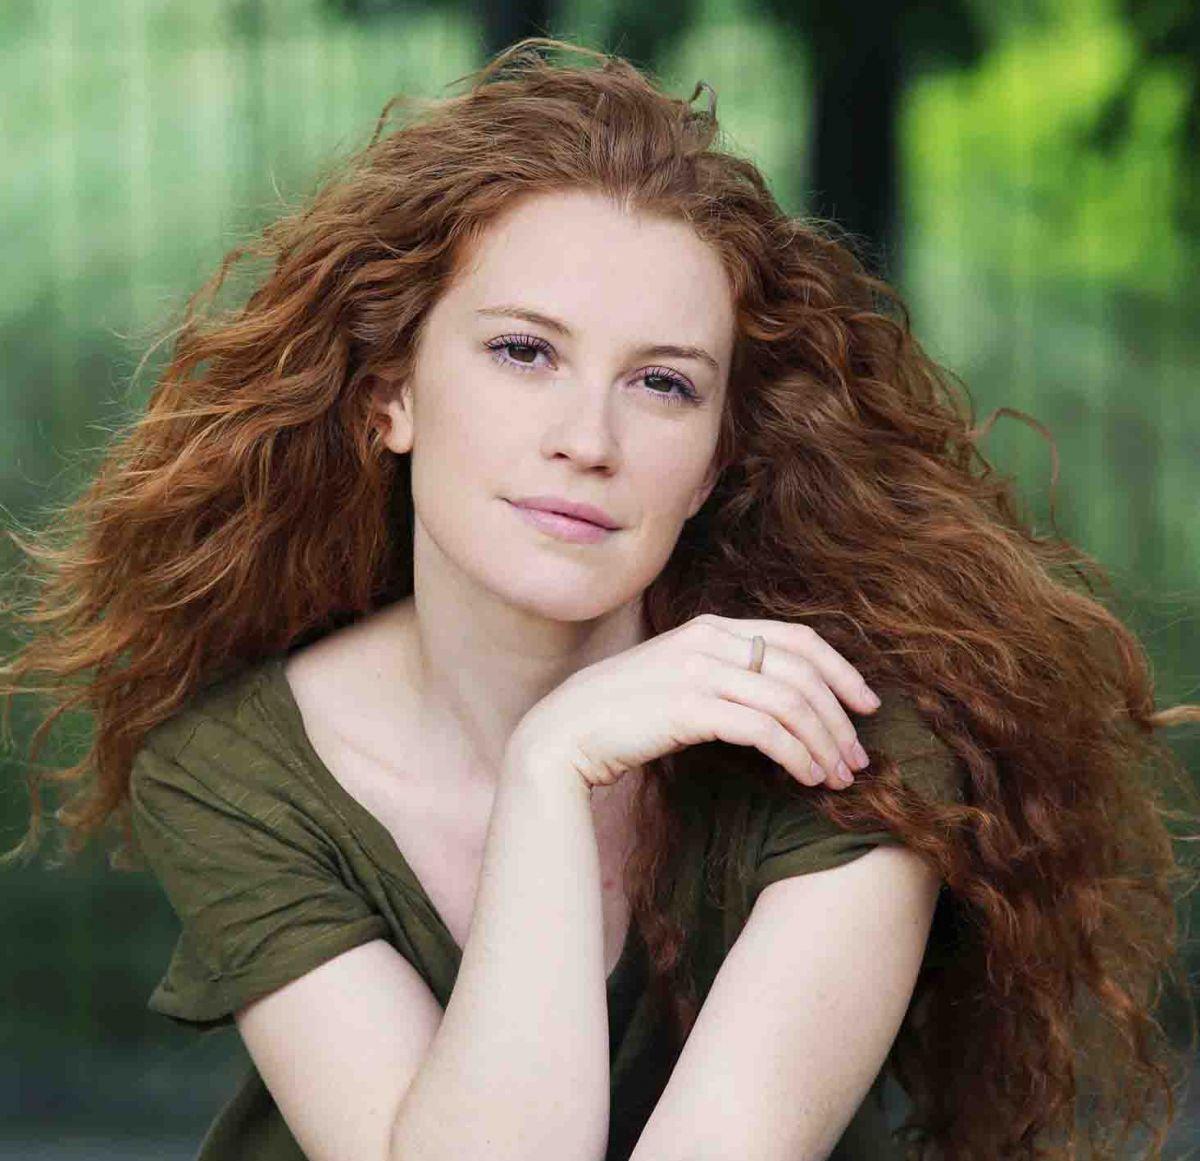 Martina C Casting Attrici;Donne Milano – 25-35 anni